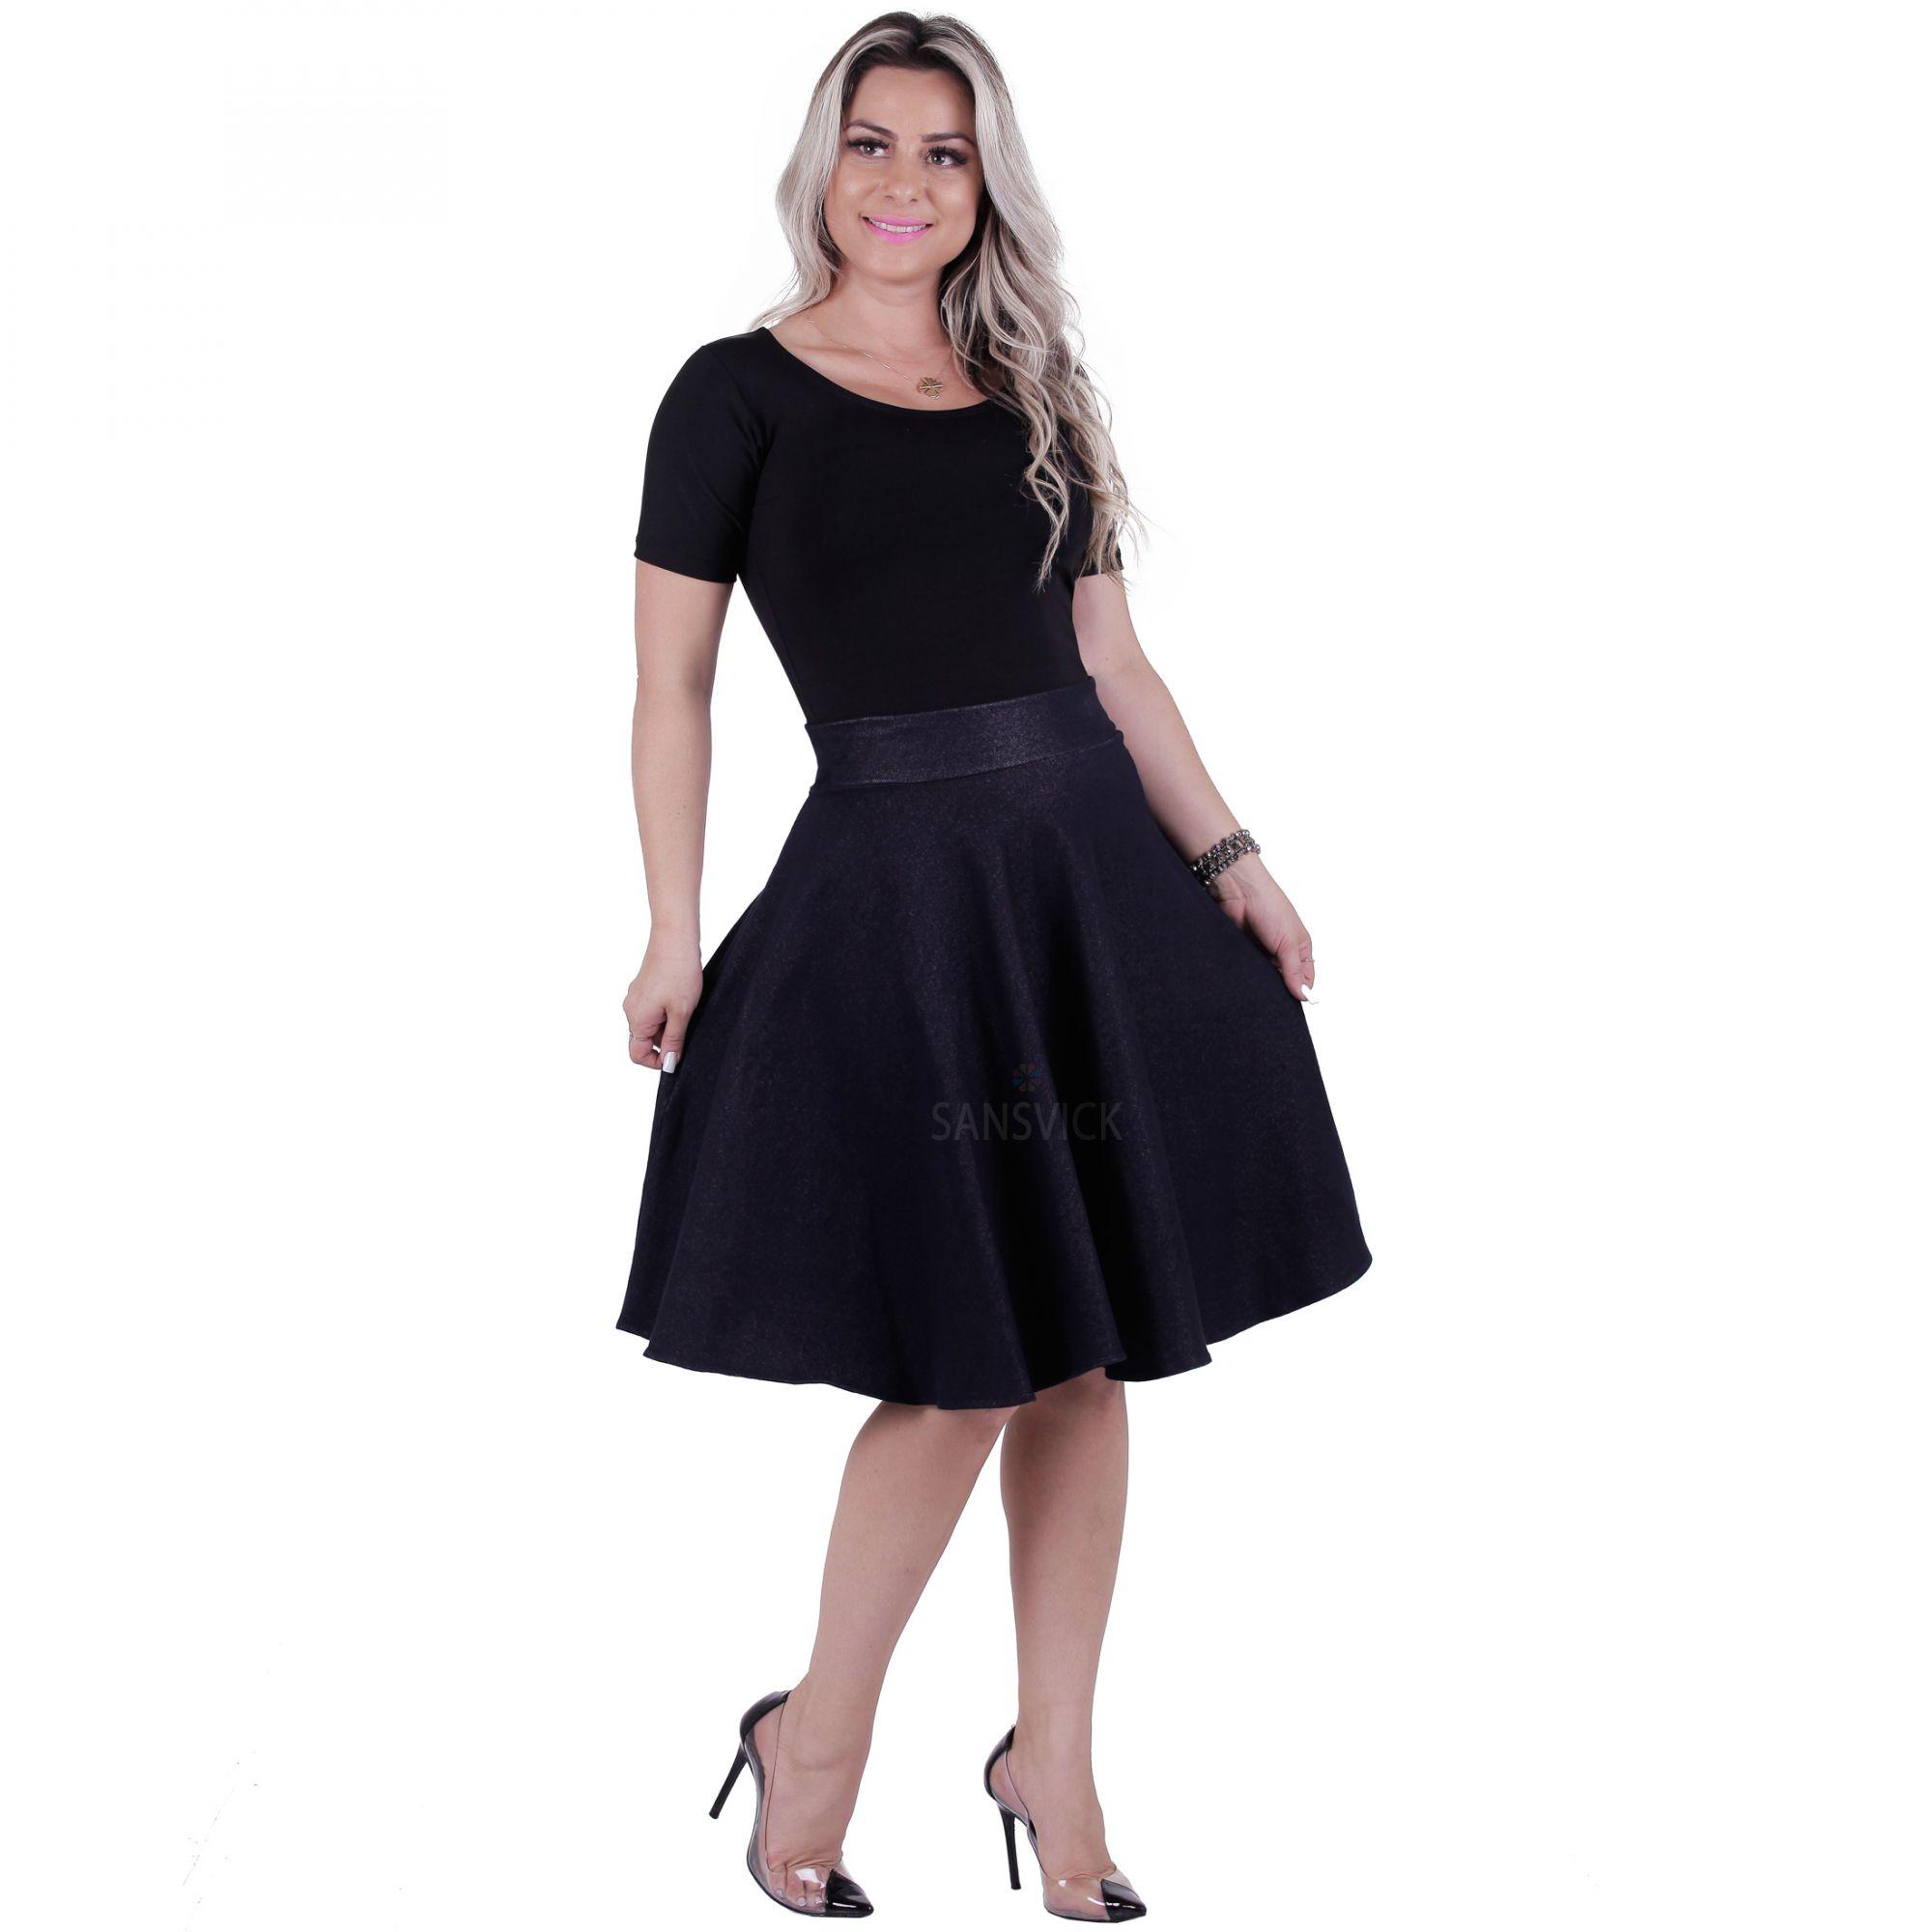 e6e8f99d86 Saia Midi Cotton Jeans - Sansvick Store - Moda Evangélica e Executiva